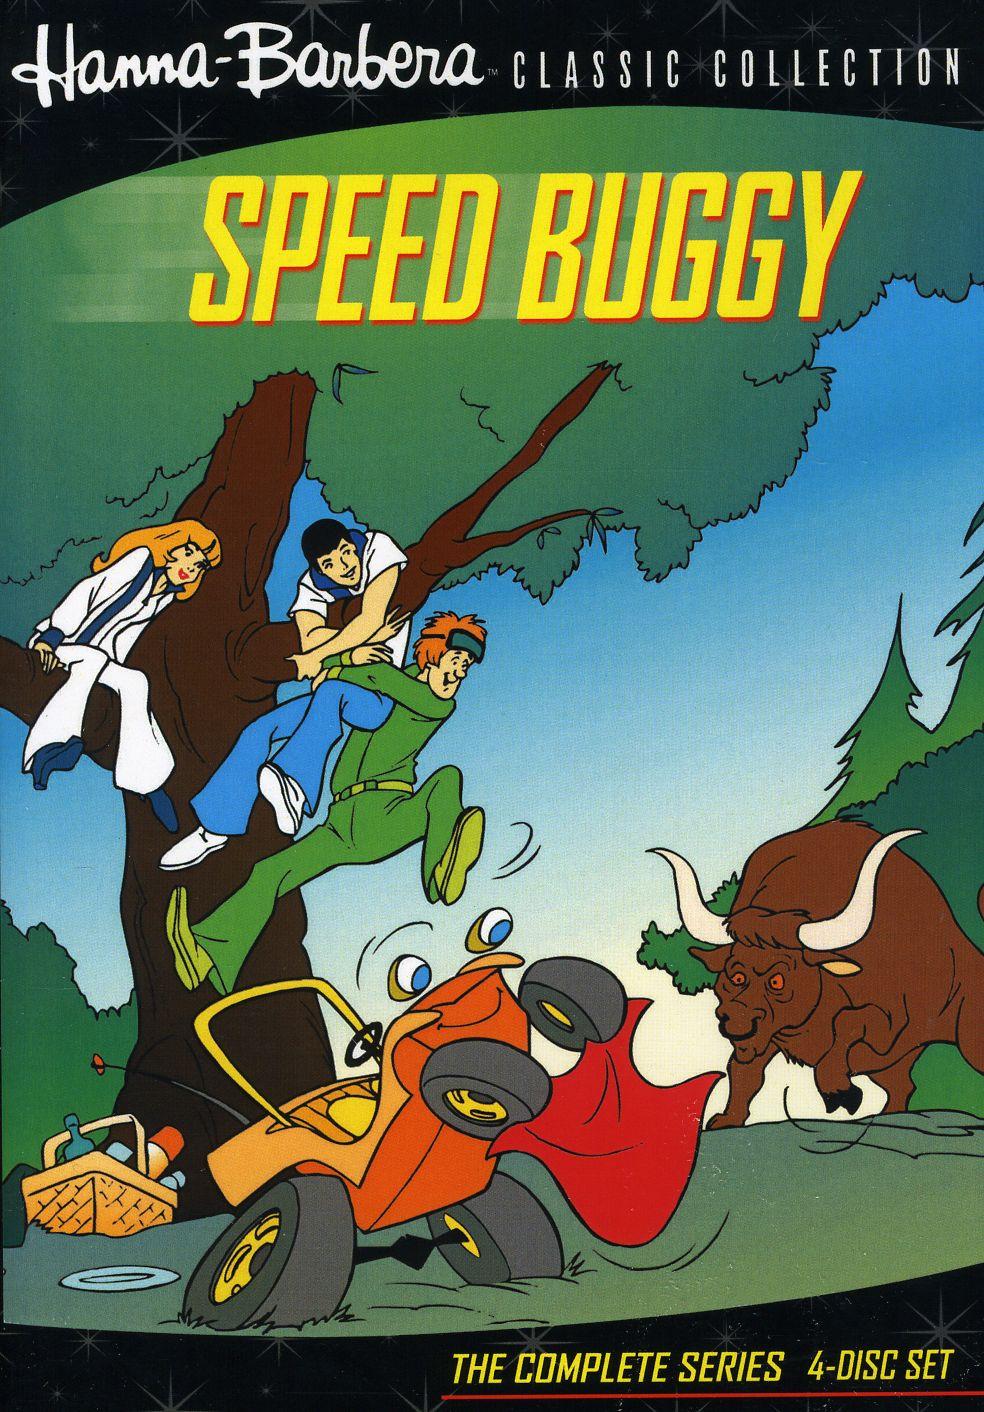 Hillbilly Bears Cartoon Network | simplexpict co